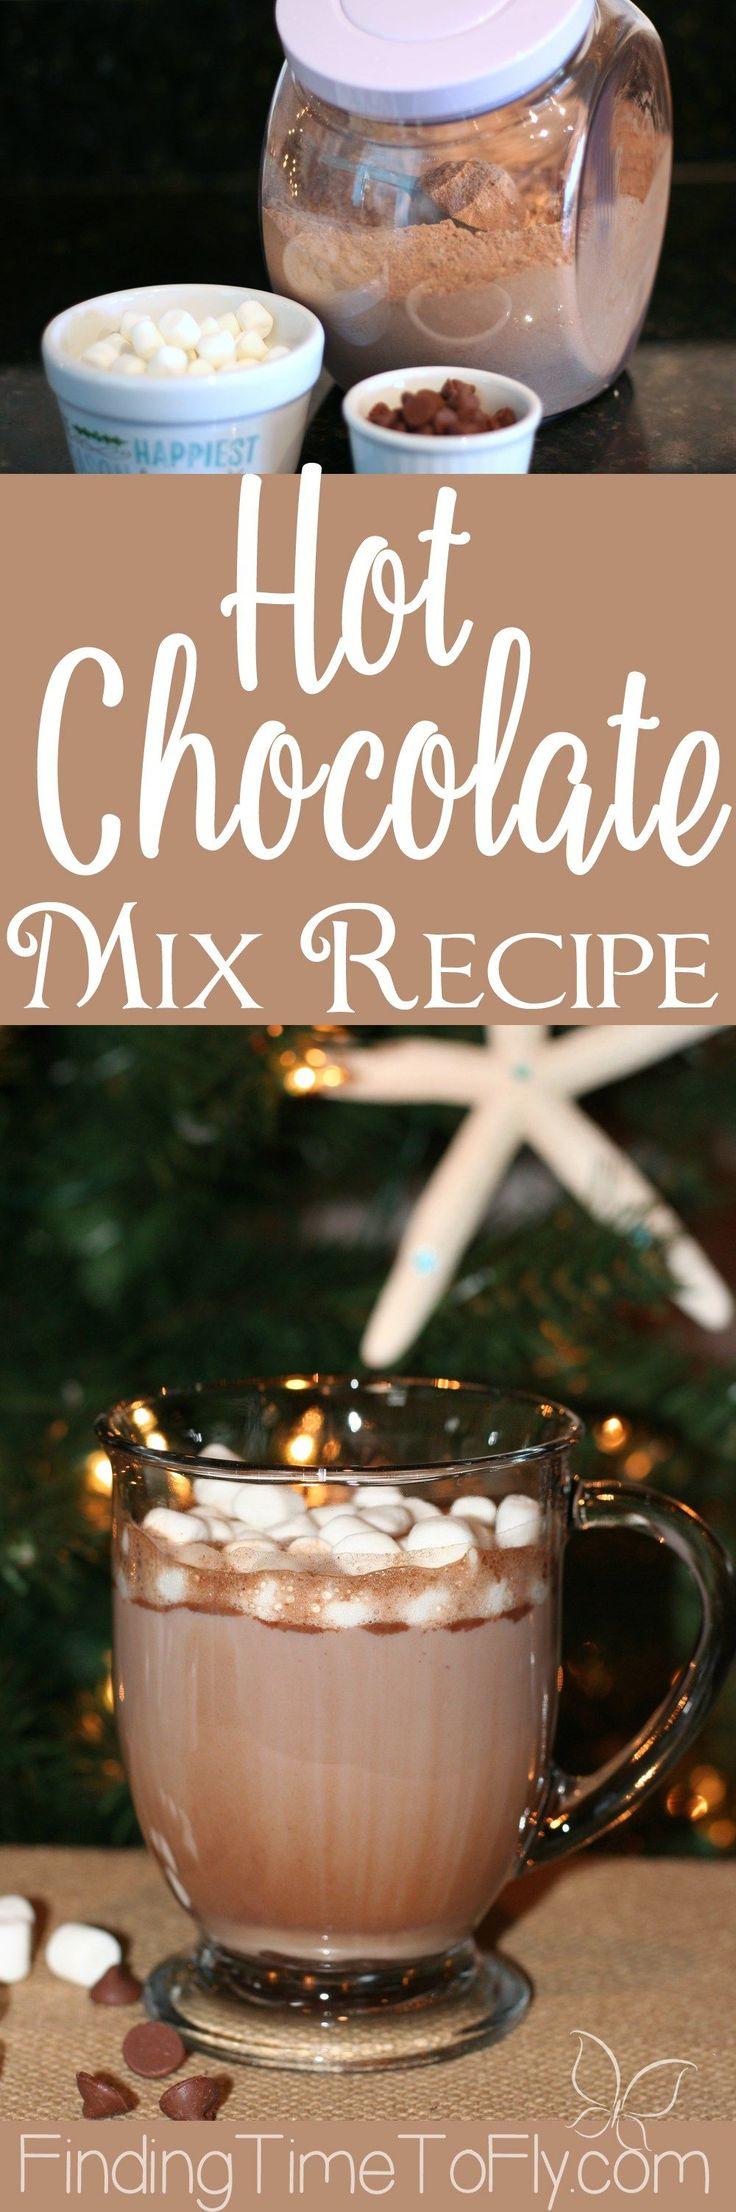 This homemade Hot Chocolate Mihot hotx Recipe uses ground chocolate and white chocolate chips. I'm making my own bulk hot chocolate mix this year!